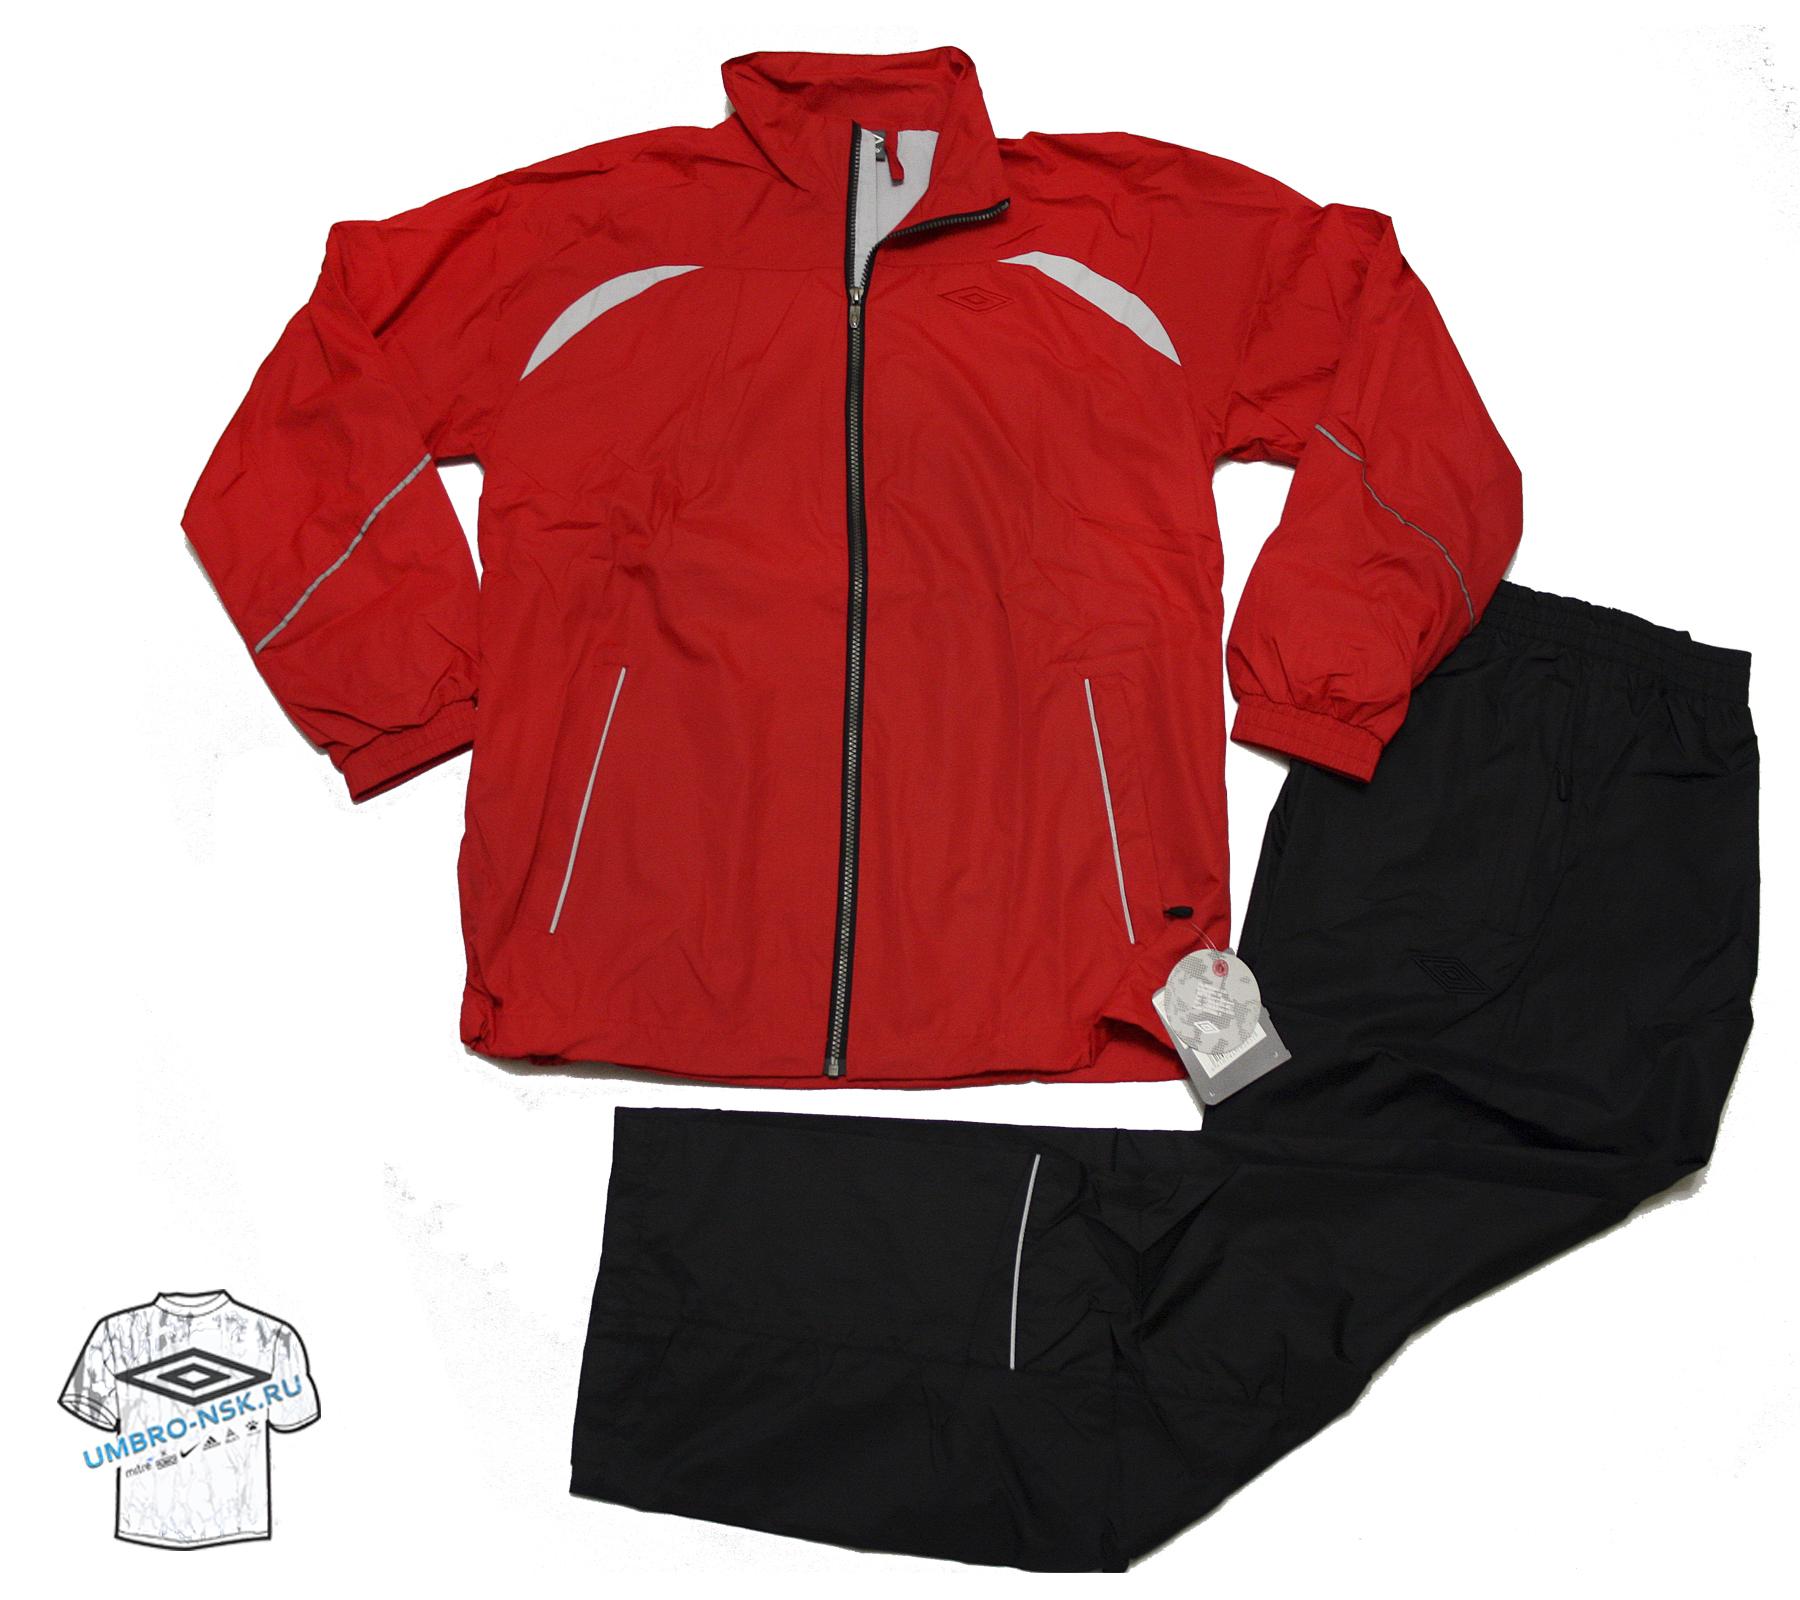 костюм Umbro wilson red